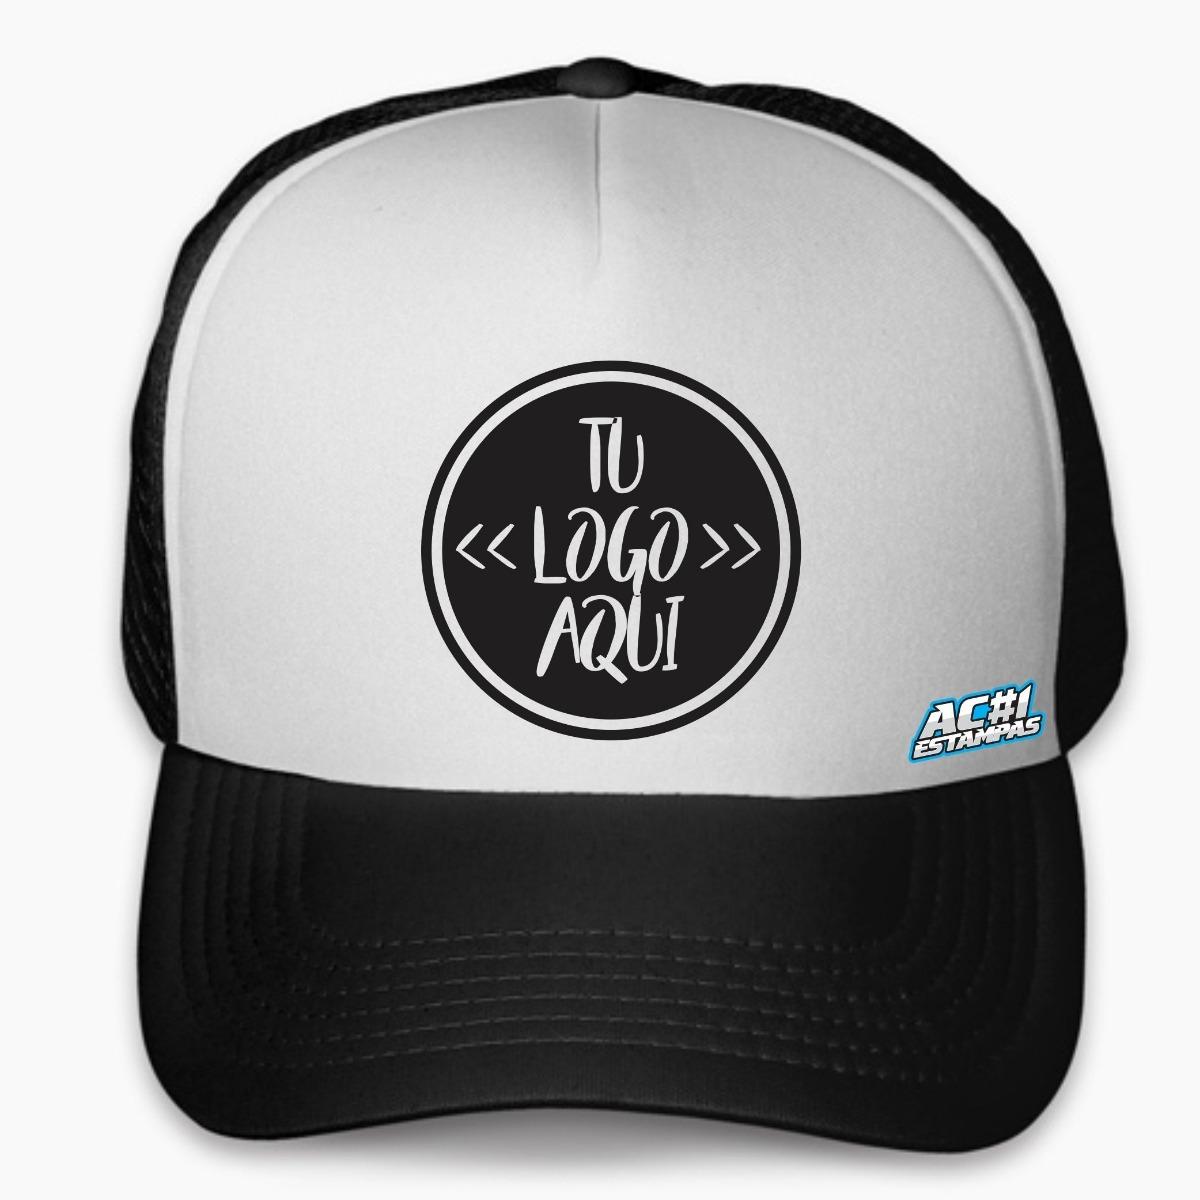 Gorra Trucker Con El Logo Que Quieras Ac Estampas -   350 78db26d901d